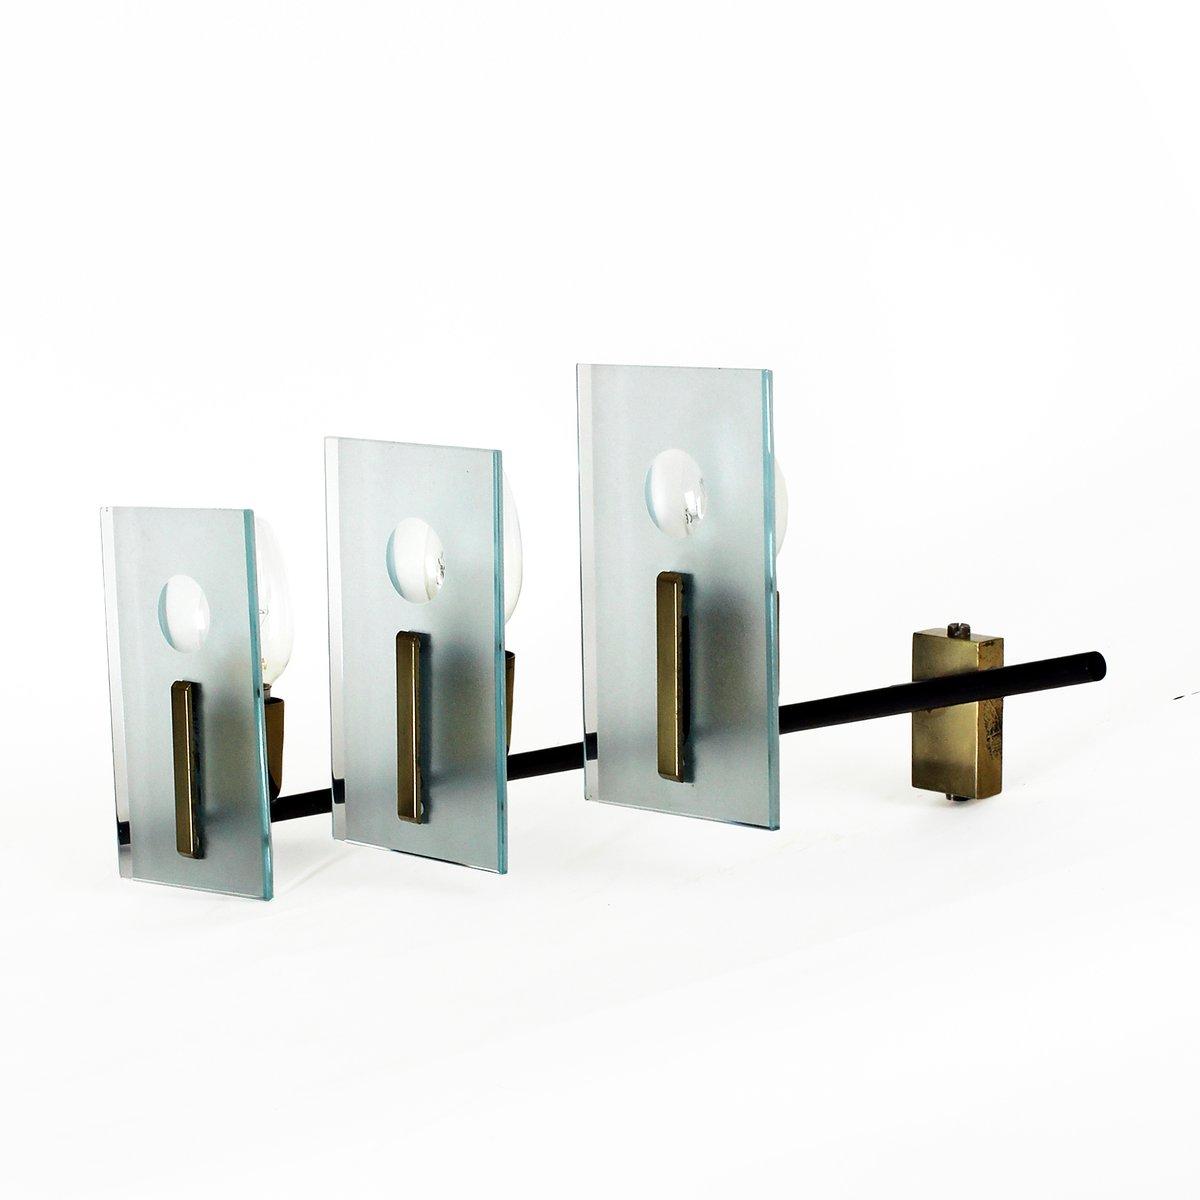 italienische wandleuchte aus glas stahl und messing 1950er bei pamono kaufen. Black Bedroom Furniture Sets. Home Design Ideas